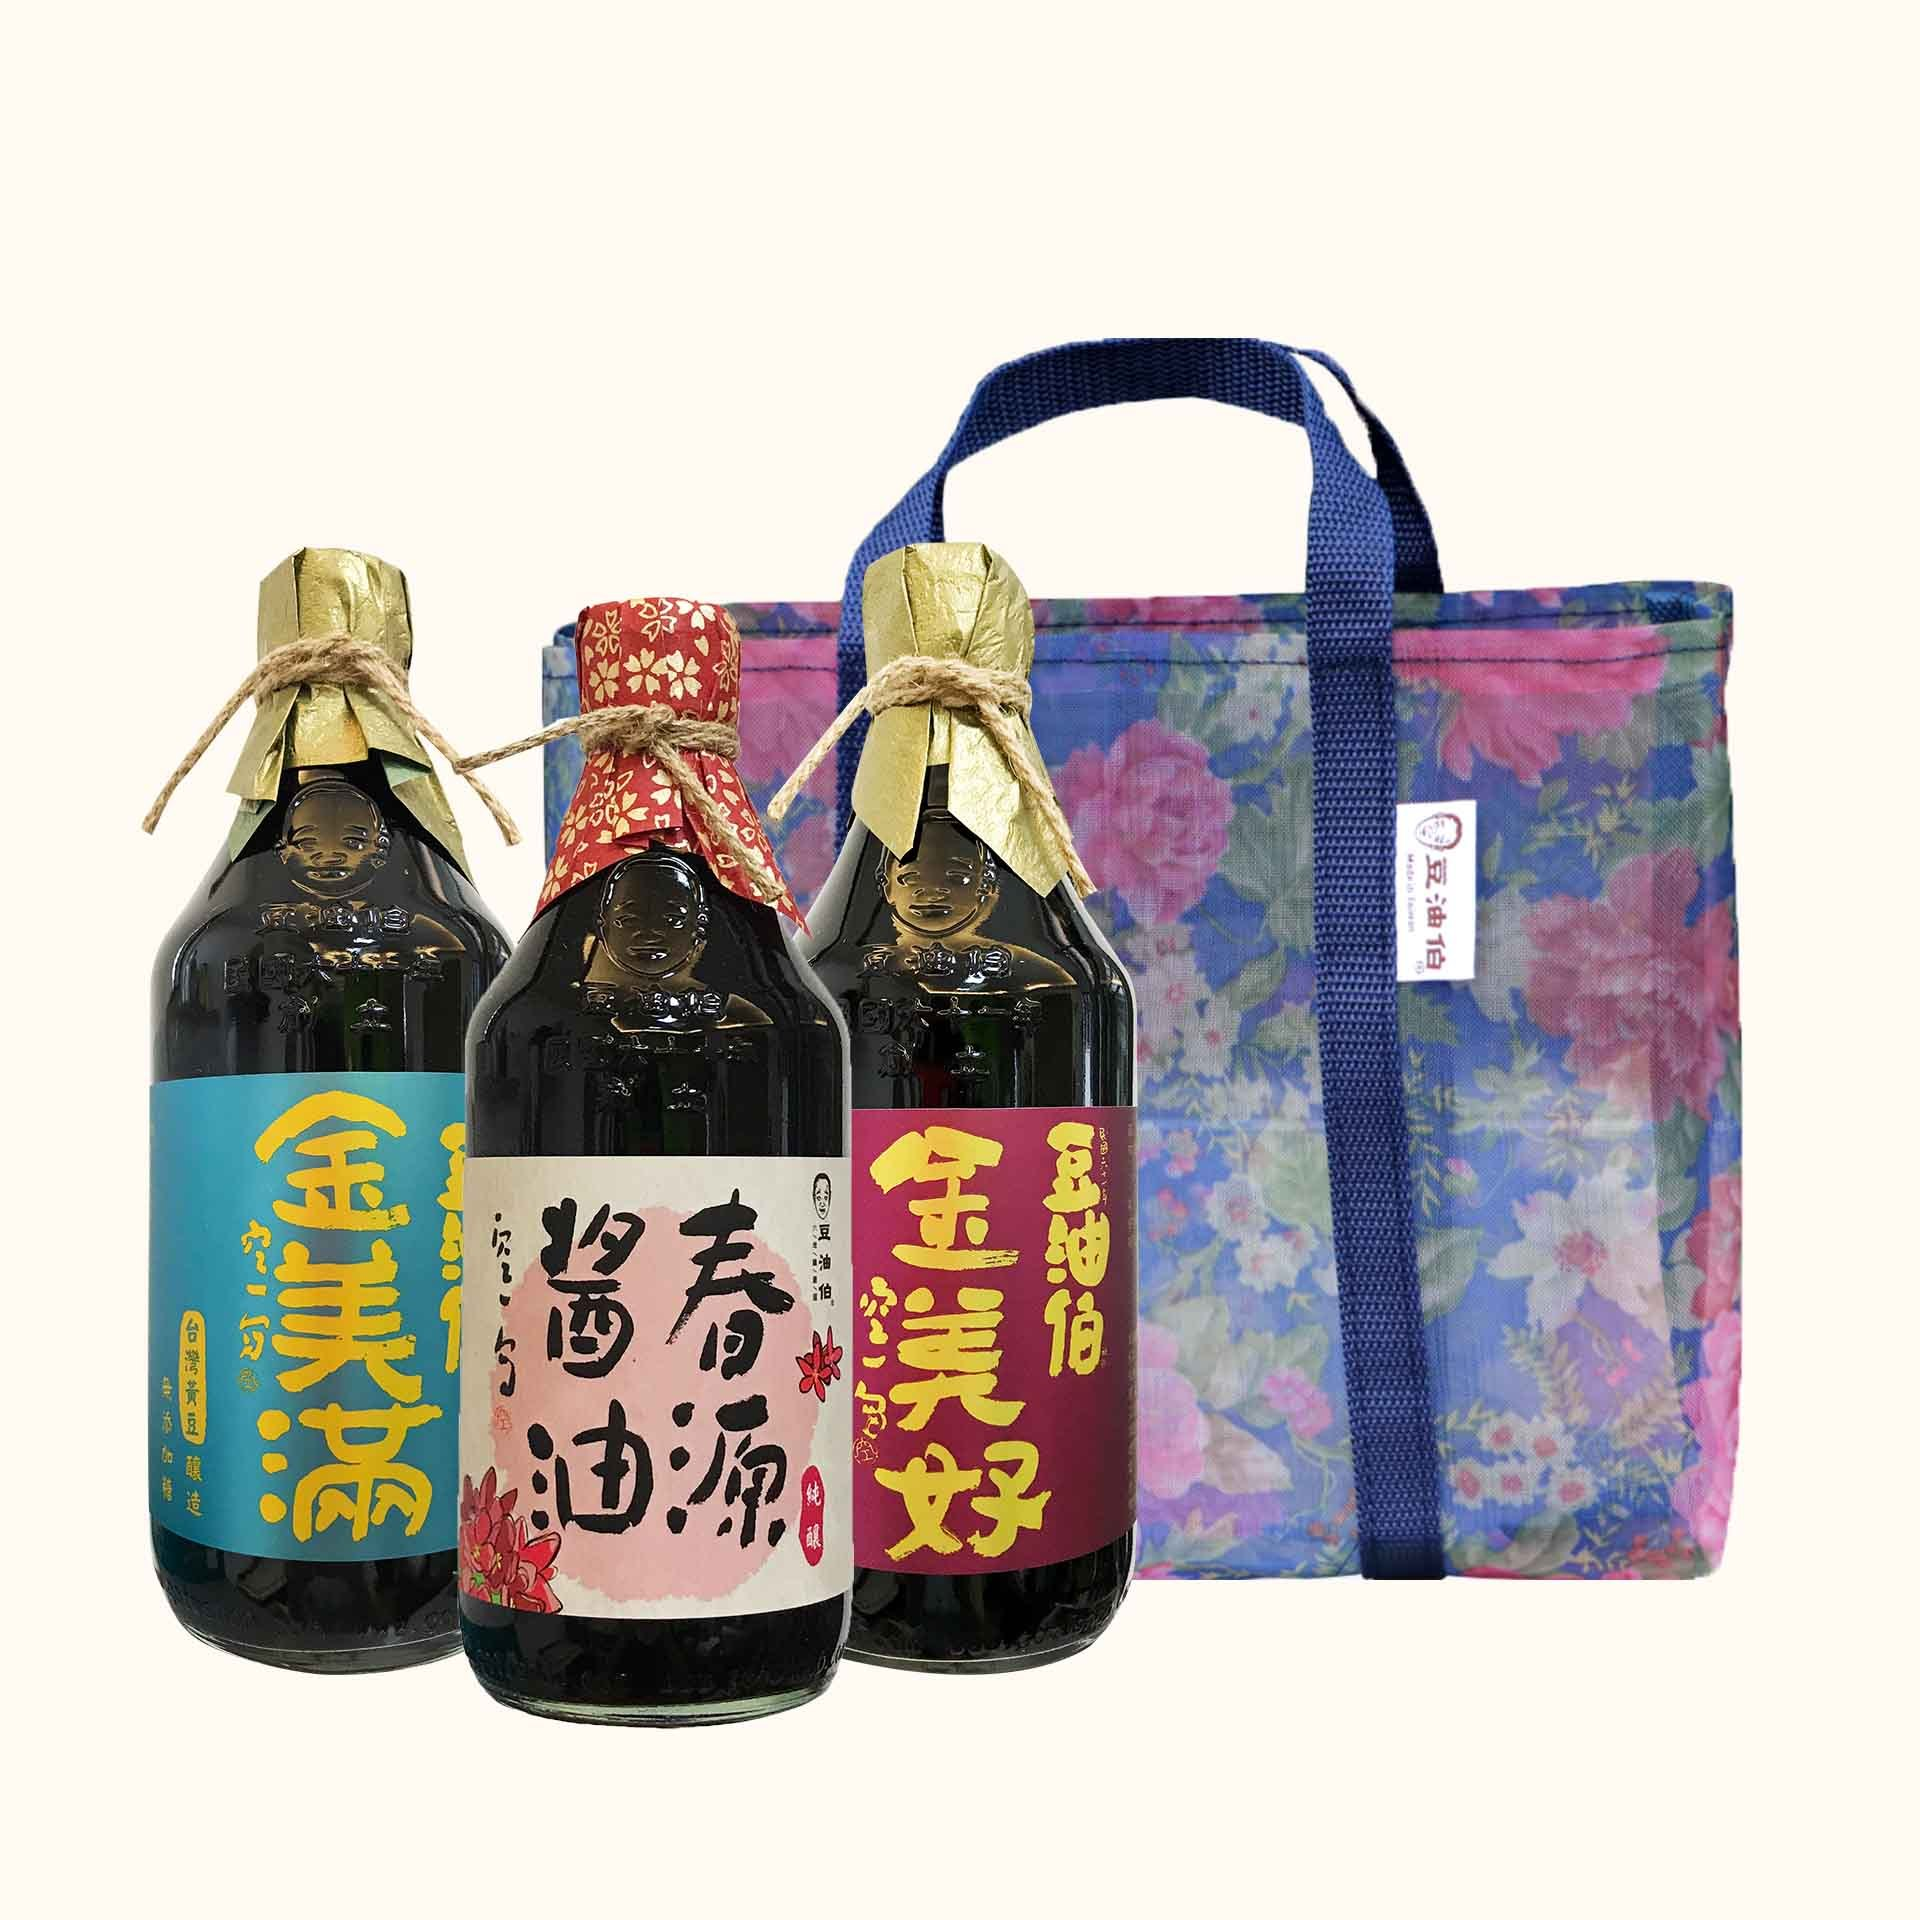 【AA無添加獎】春源醬油1入+金美好醬油1入+金美滿醬油1入(共3入)+復古花袋1入